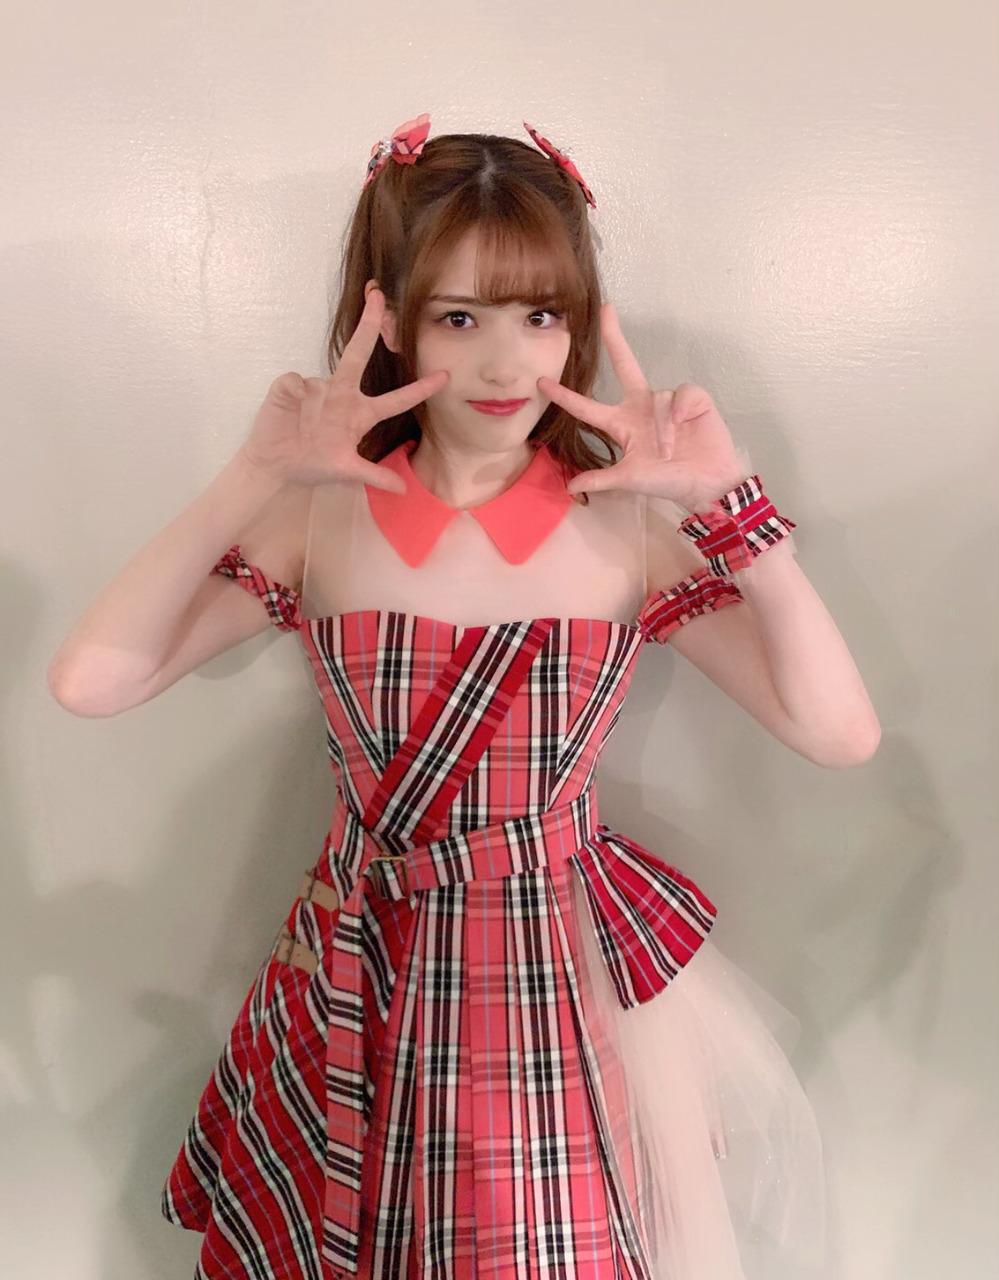 松村沙友理 平成生まれとしてっ o o アイドル 衣装 かわいい画像 松村沙友理